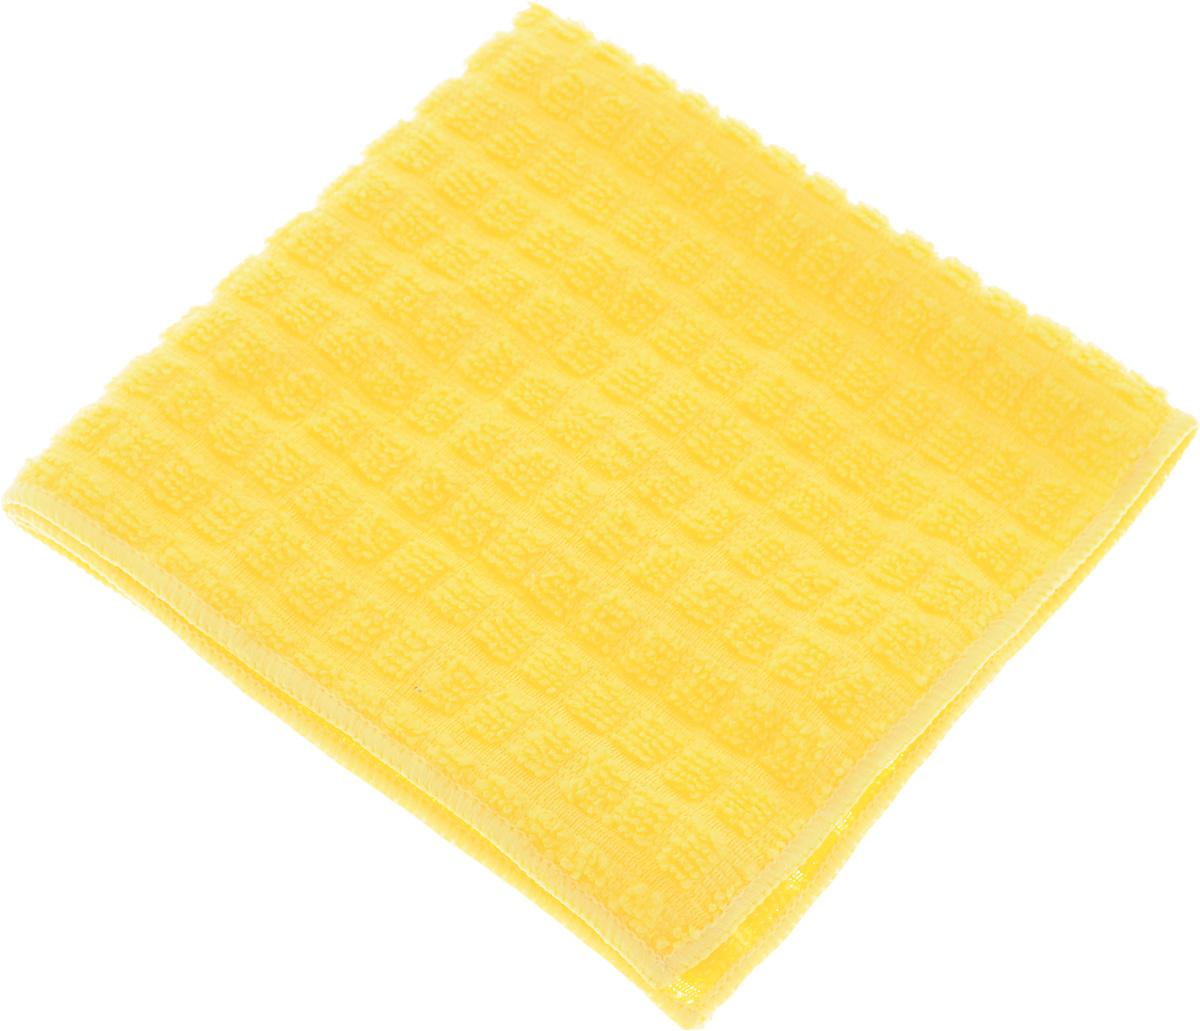 Салфетка Sol Crystal, из микрофибры, быстросохнущая, цвет: желтый, 30 x 30 смSVC-300Салфетка Sol Crystal выполнена из микрофибры для деликатной чистки и полировки лакированных, глянцевых и хромированных поверхностей, а также стекол и зеркал. Салфетку можно эффективно применять как во влажном, так и в сухом виде. Специальное плетение ворса обеспечивает быстрое высыхание салфетки. Можно применять различные моющие средства. Не оставляет разводов и ворсинок.Можно стирать вручную или в стиральной машине с мягким моющим средством без использования кондиционера и отбеливателя, при температуре не выше 95°С. Запрещается кипячение и глажка. Рекомендована бережная сушка.